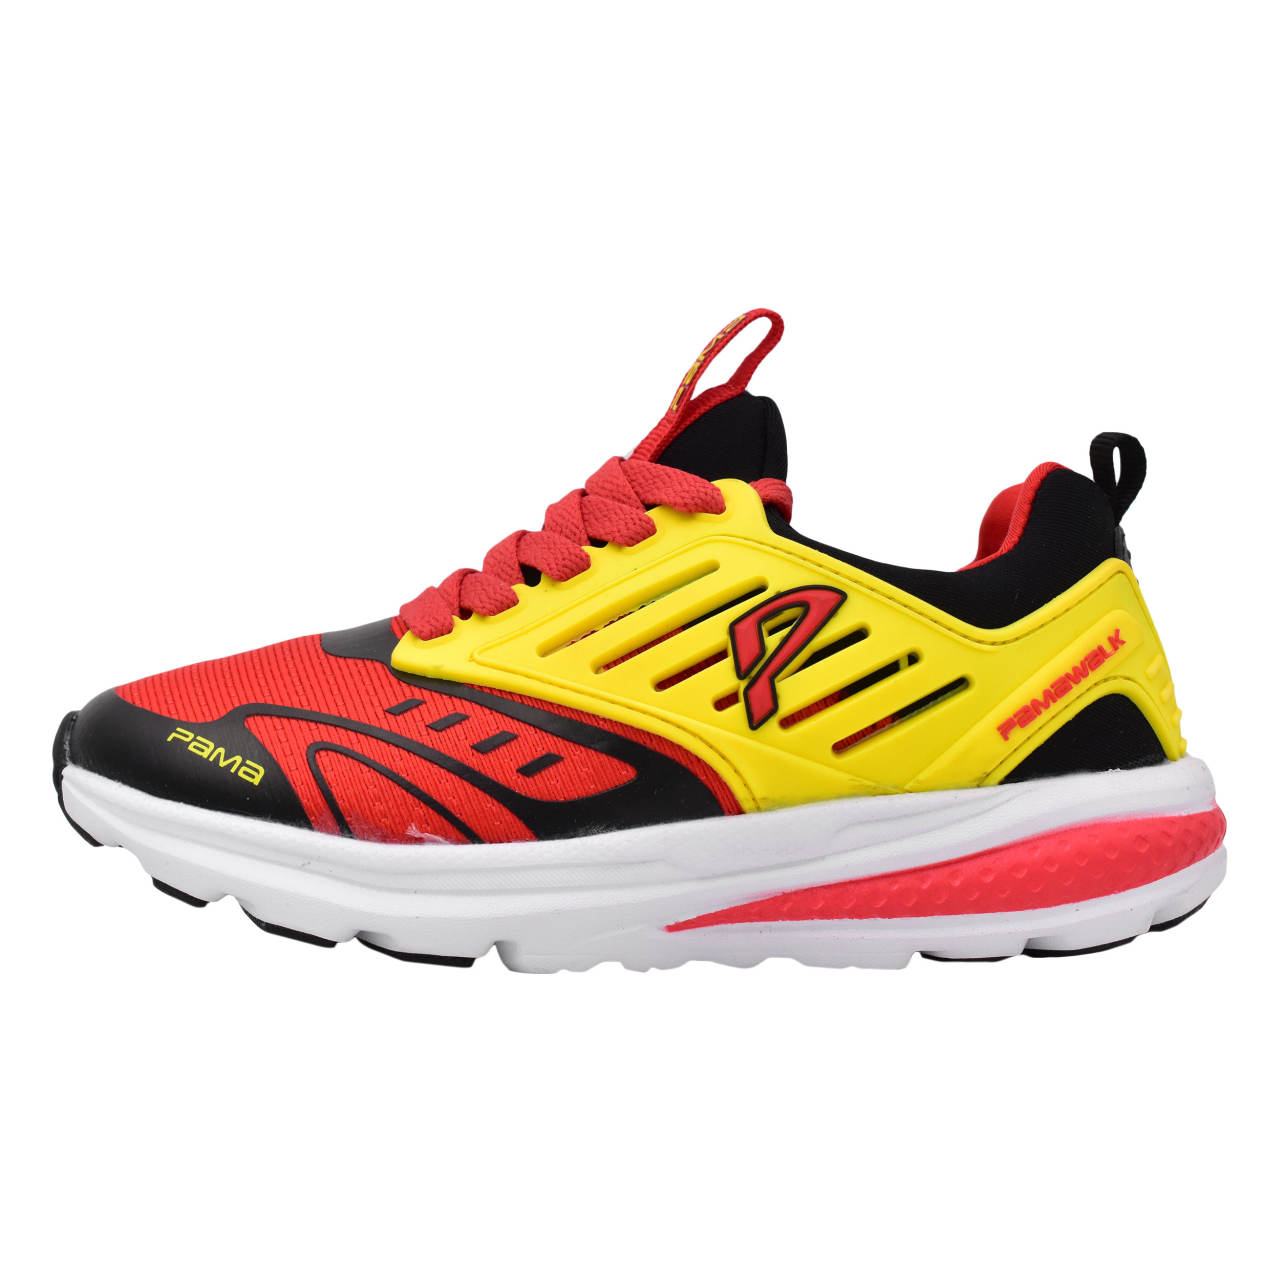 کفش مخصوص پیاده روی پسرانه پاما مدل Sacomi-103 کد G1455